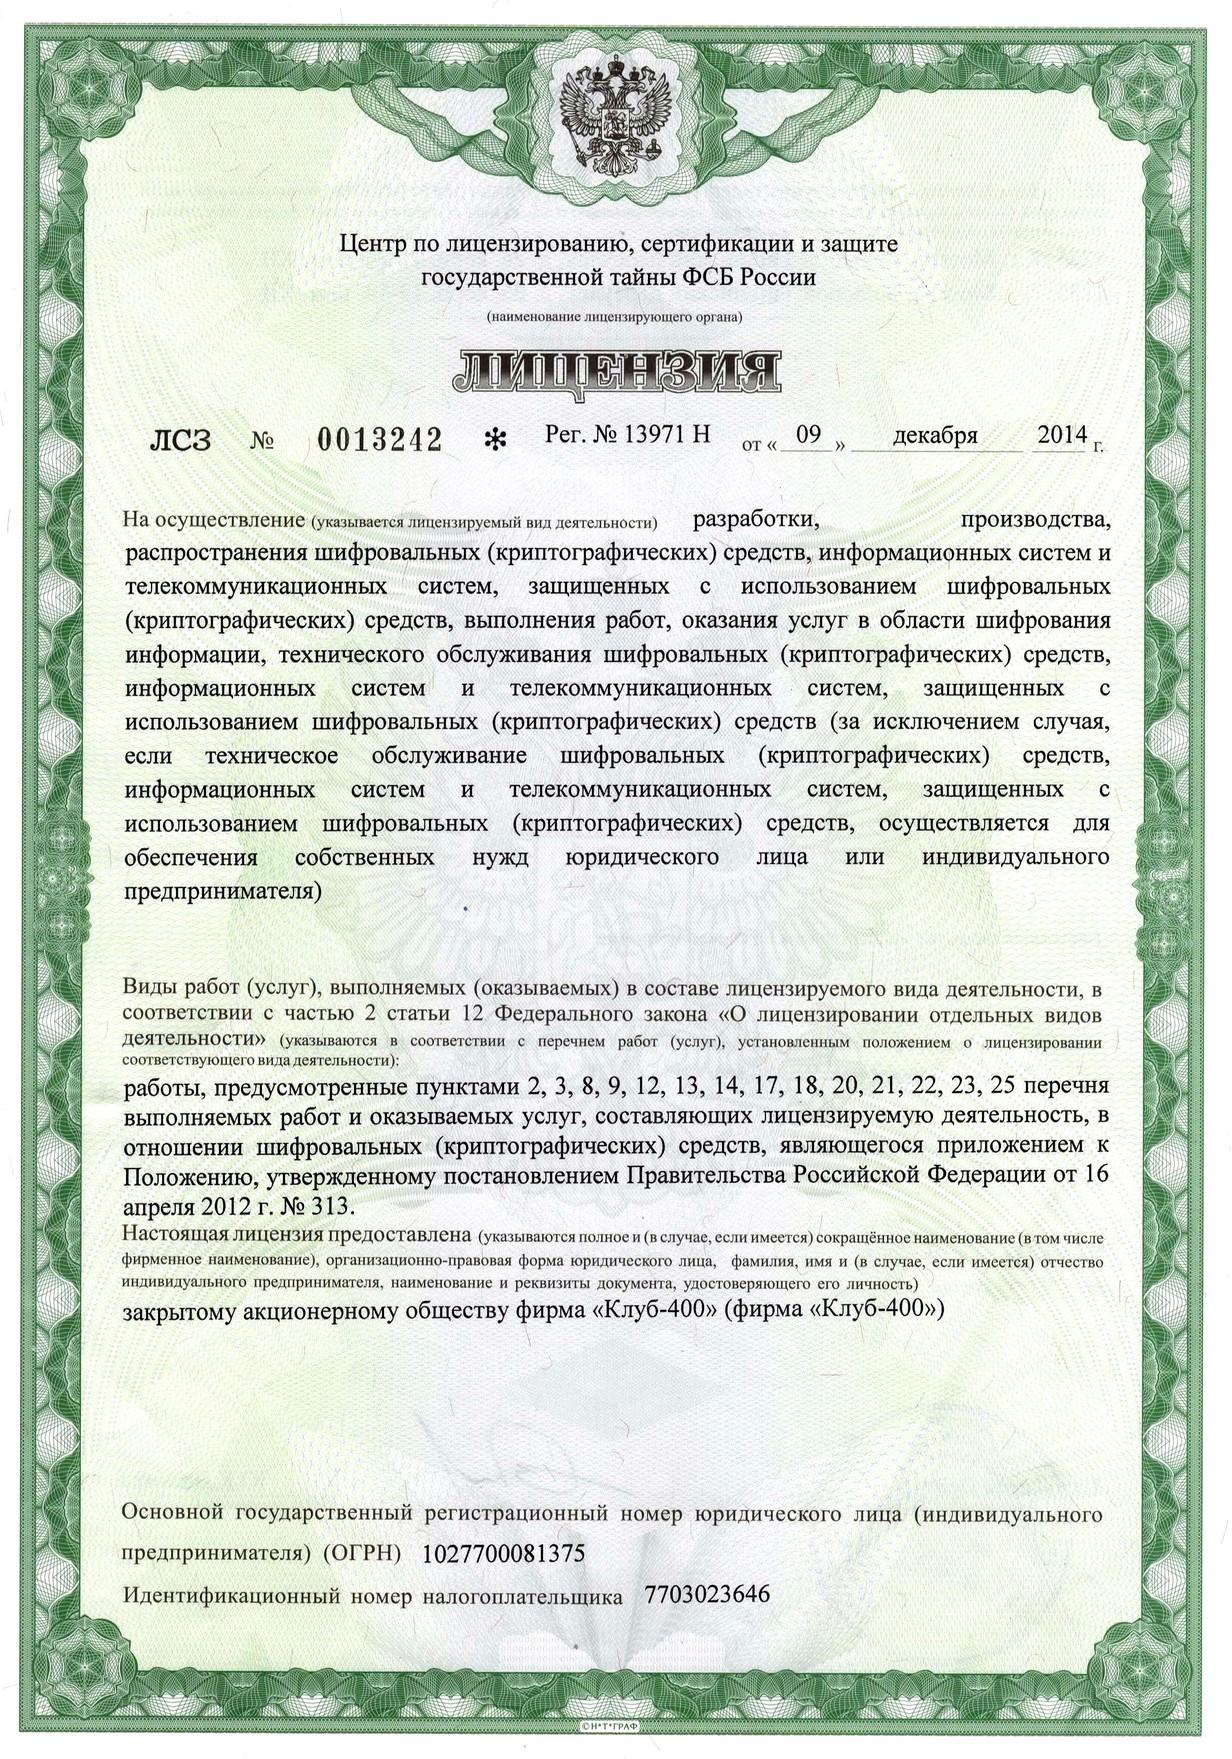 Лицензия ФСБ №13971 (лицевая сторона)